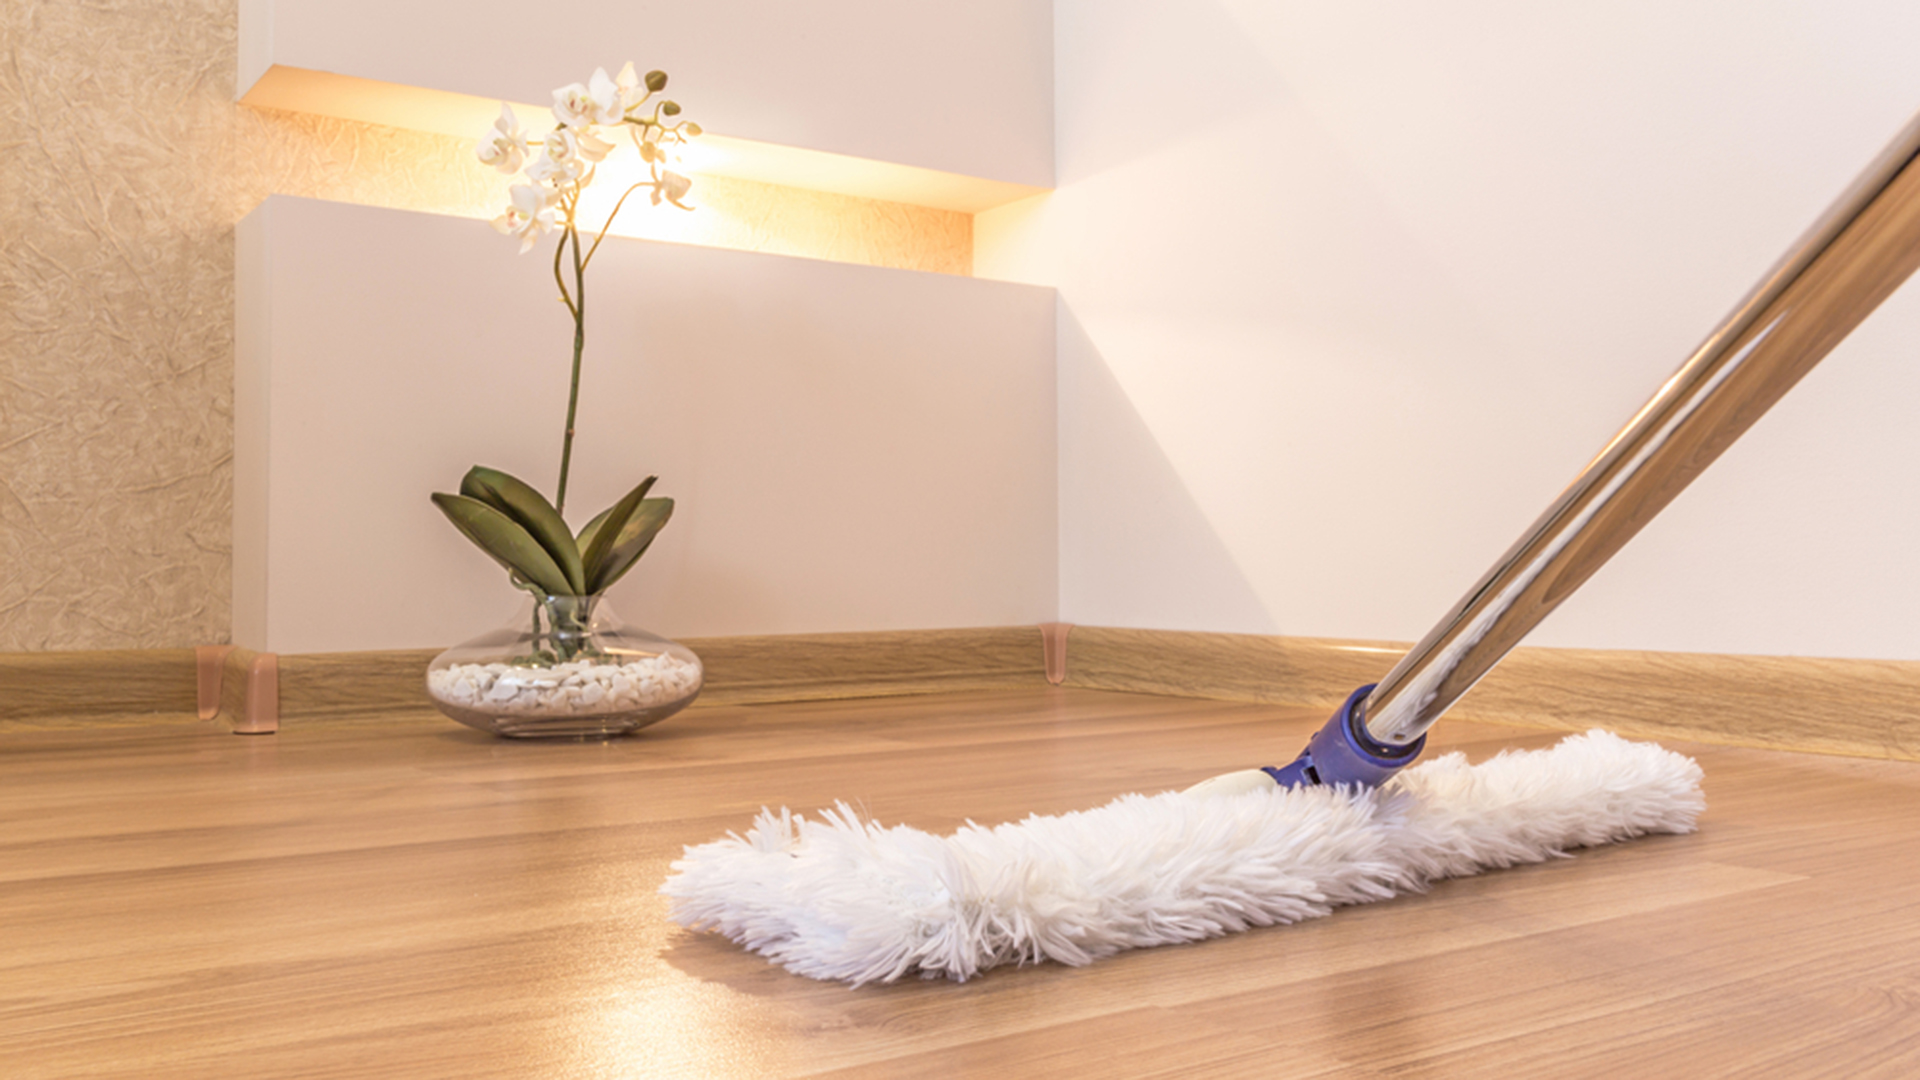 Macchie Sul Parquet Come Toglierle come pulire i pavimenti in laminato o finto parquet: i